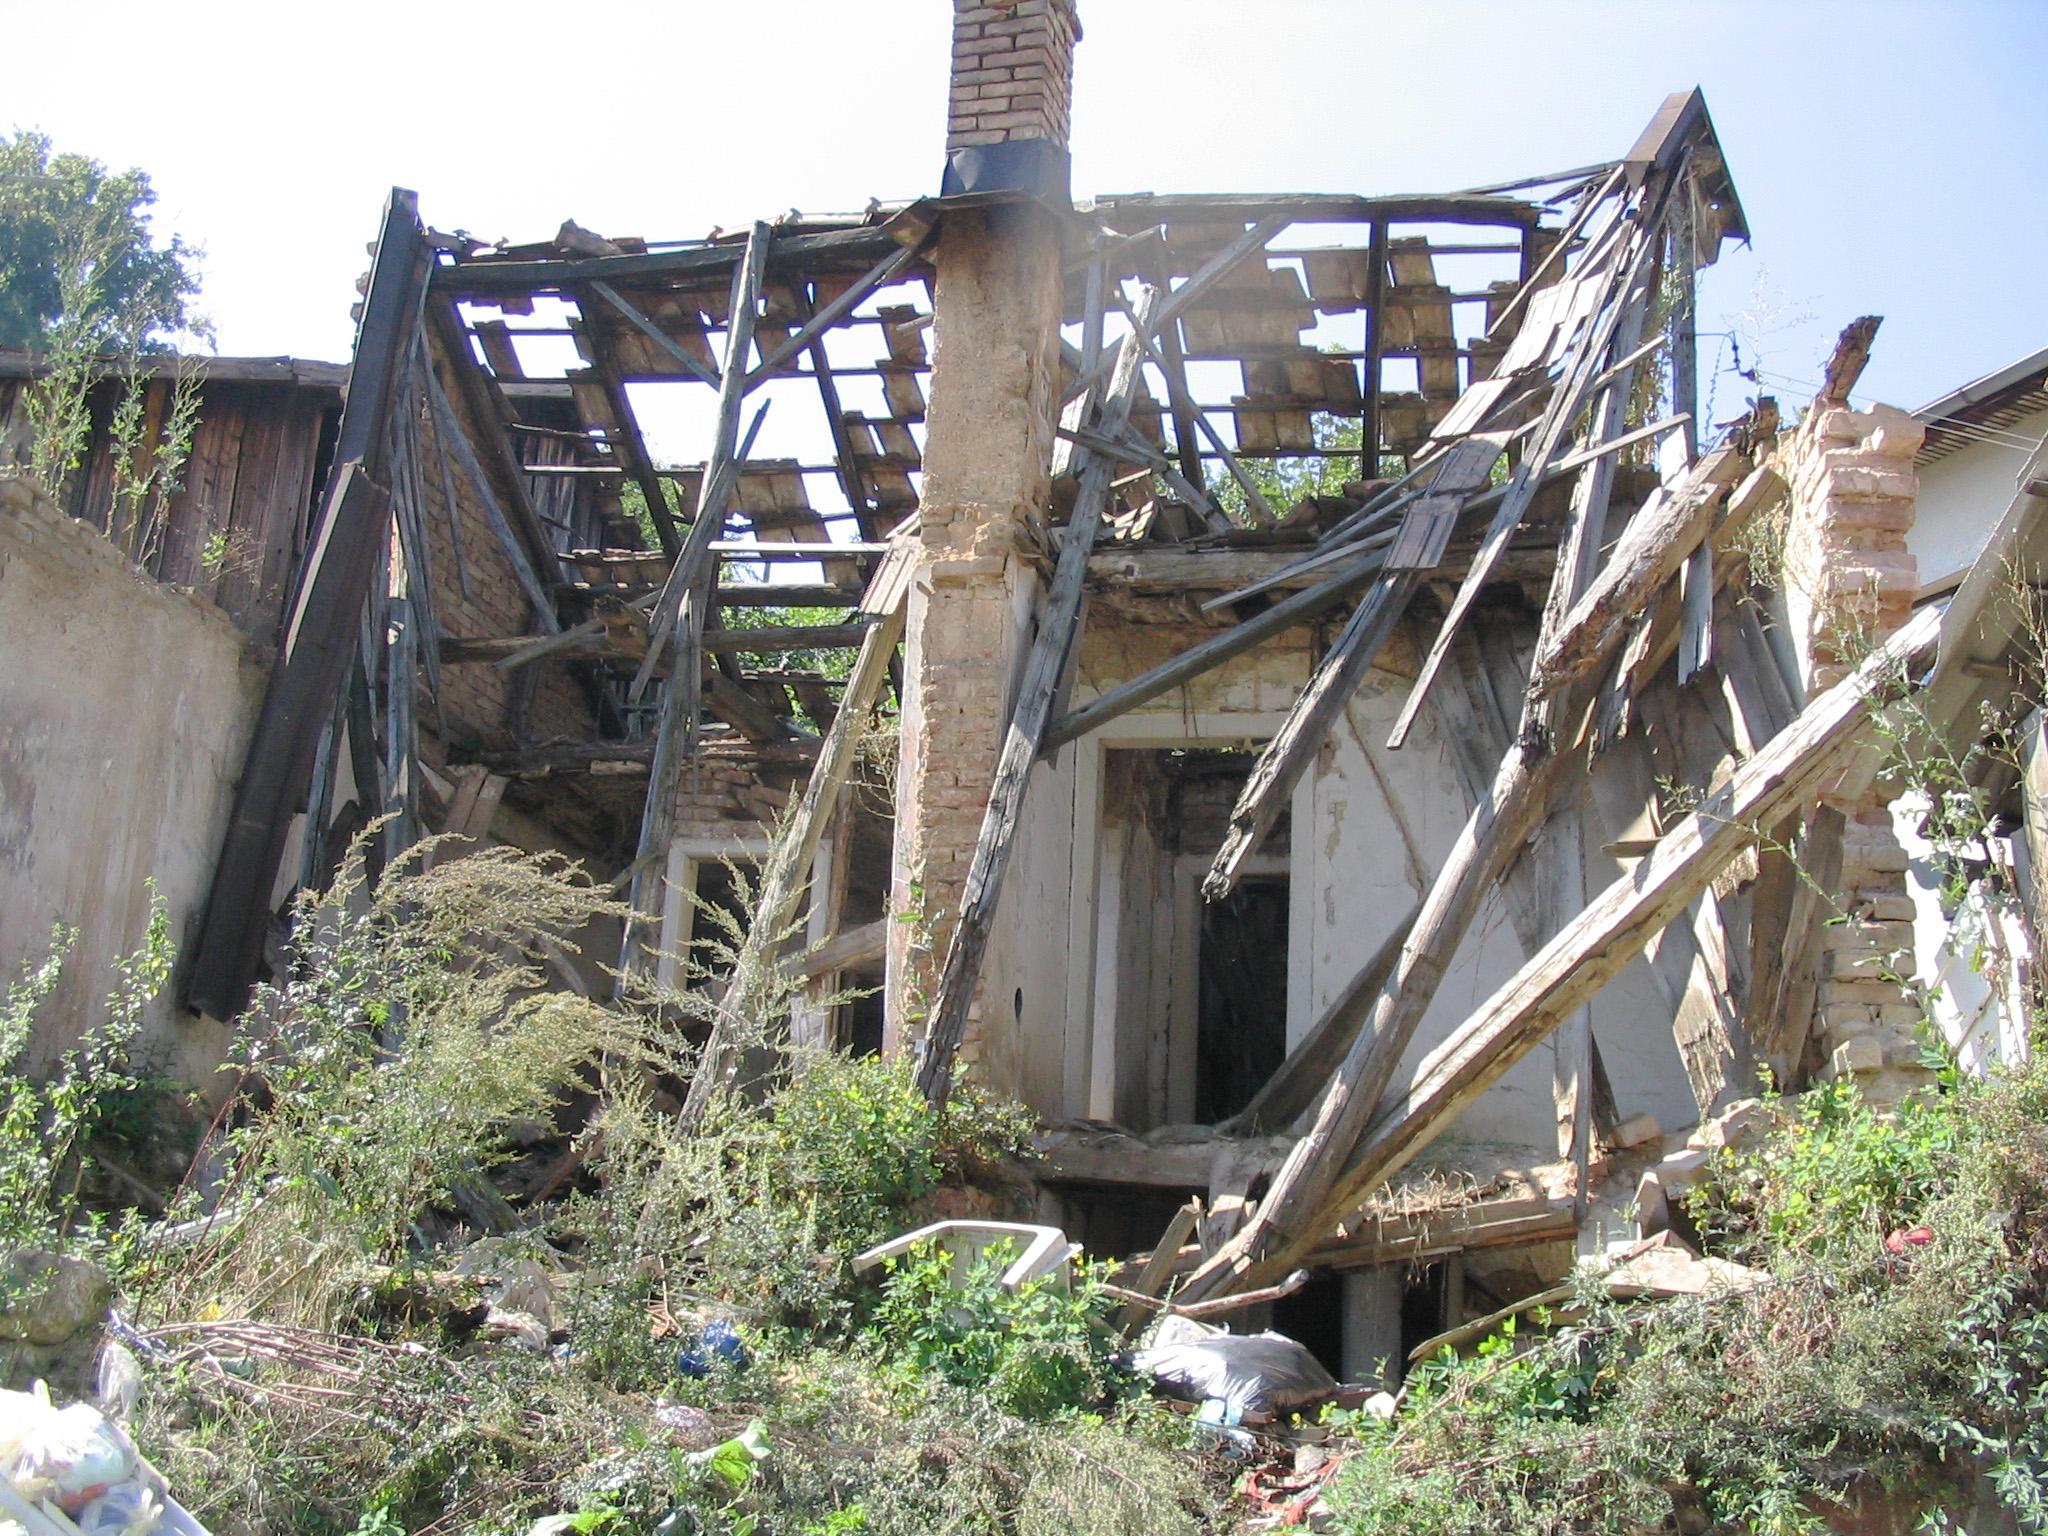 ознакомиться картинка разбитого дома выпечки заключается только